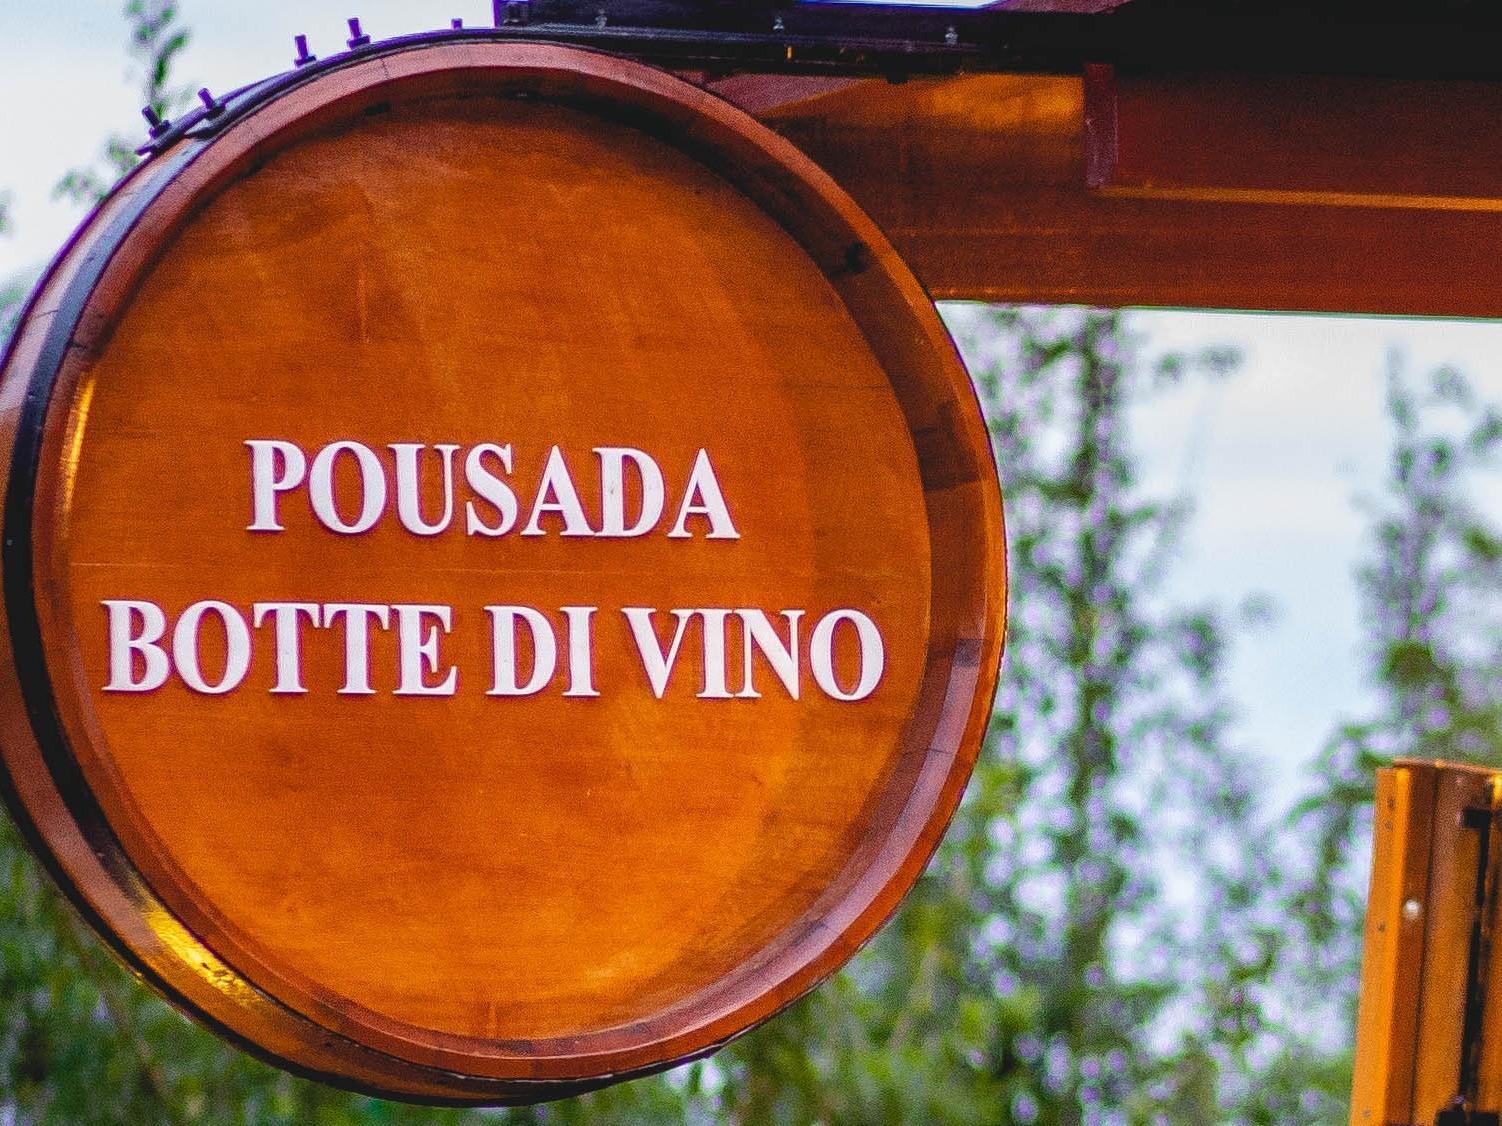 Logotipo Pousada Botte di Vino